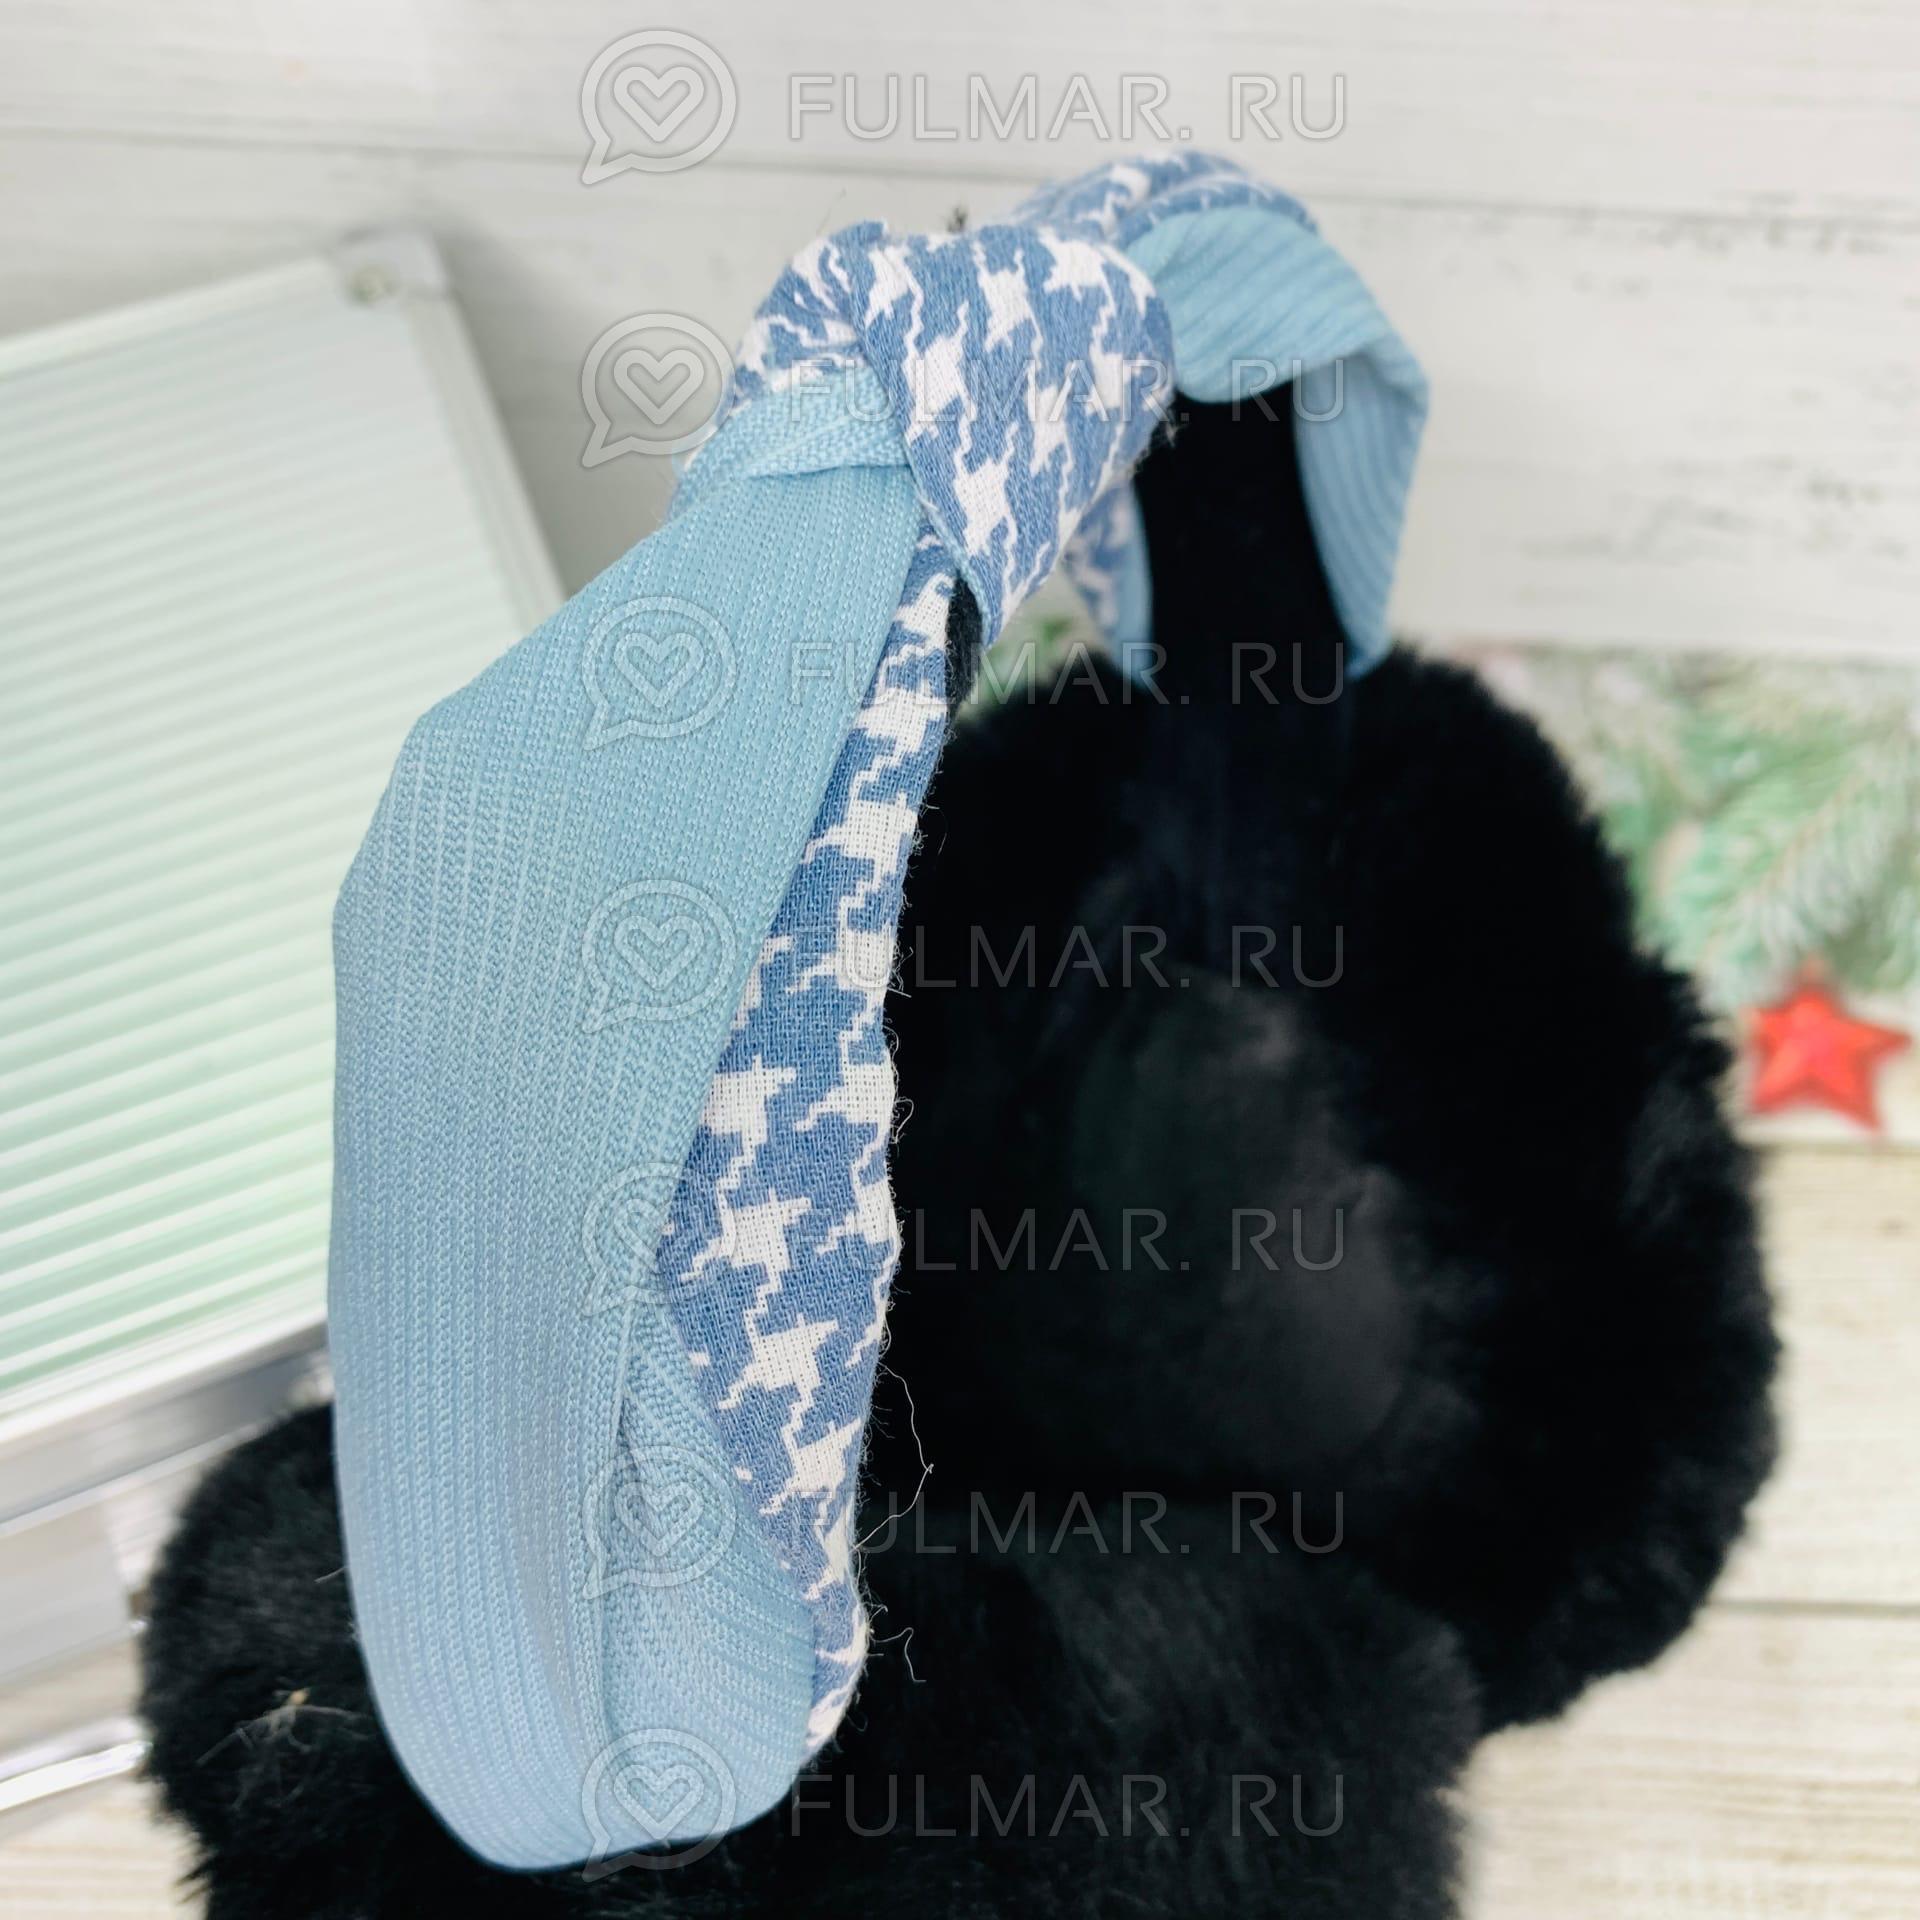 Картинка - Наушники утеплённые складные с ободком-узлом Lolita цвет: Чёрный-Голубой